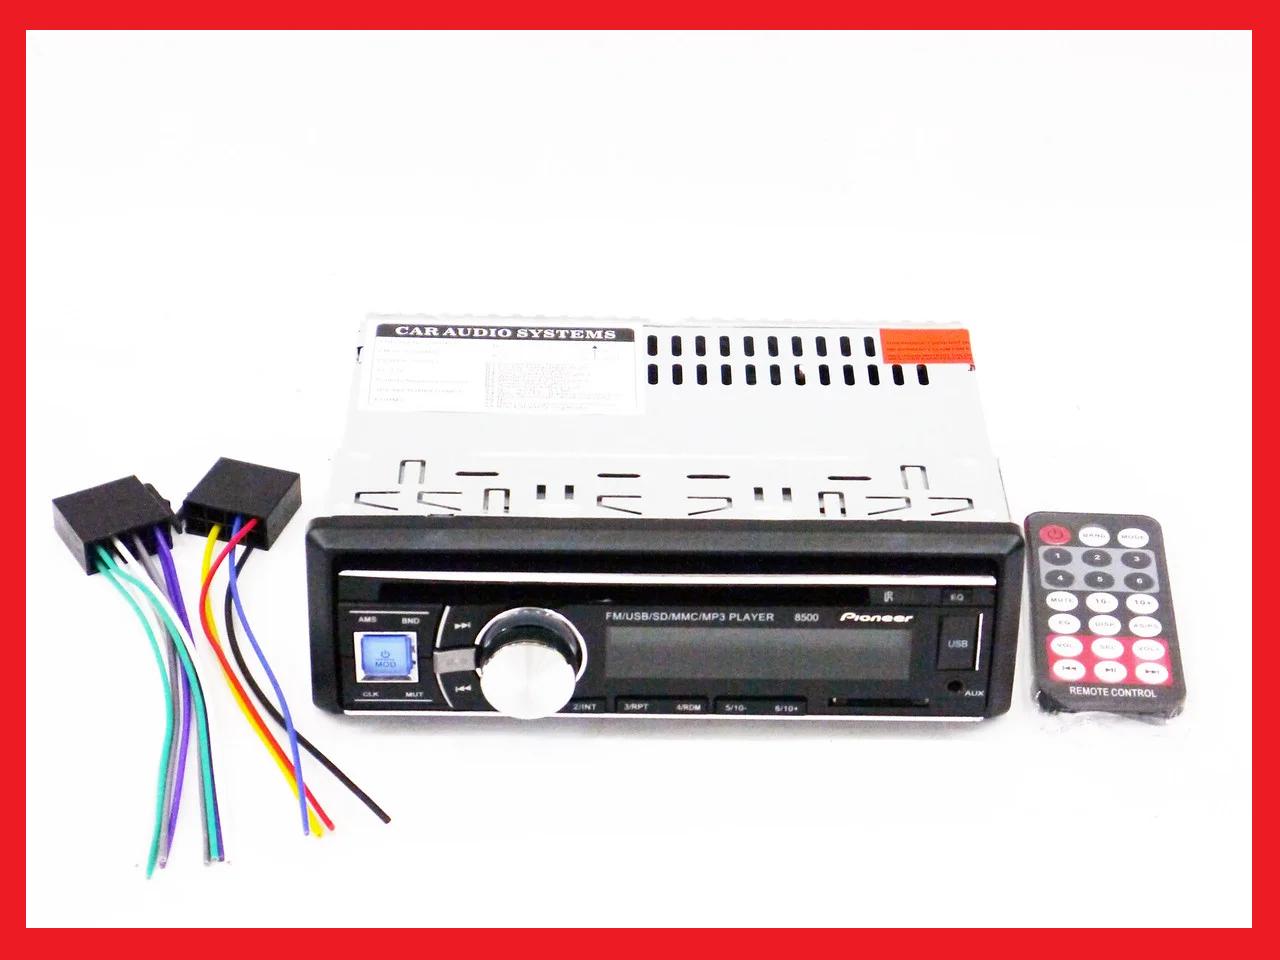 Автомагнітола Pioneer 8500 - USB флешка + підсвітка RGB + AUX + FM (4x50W)